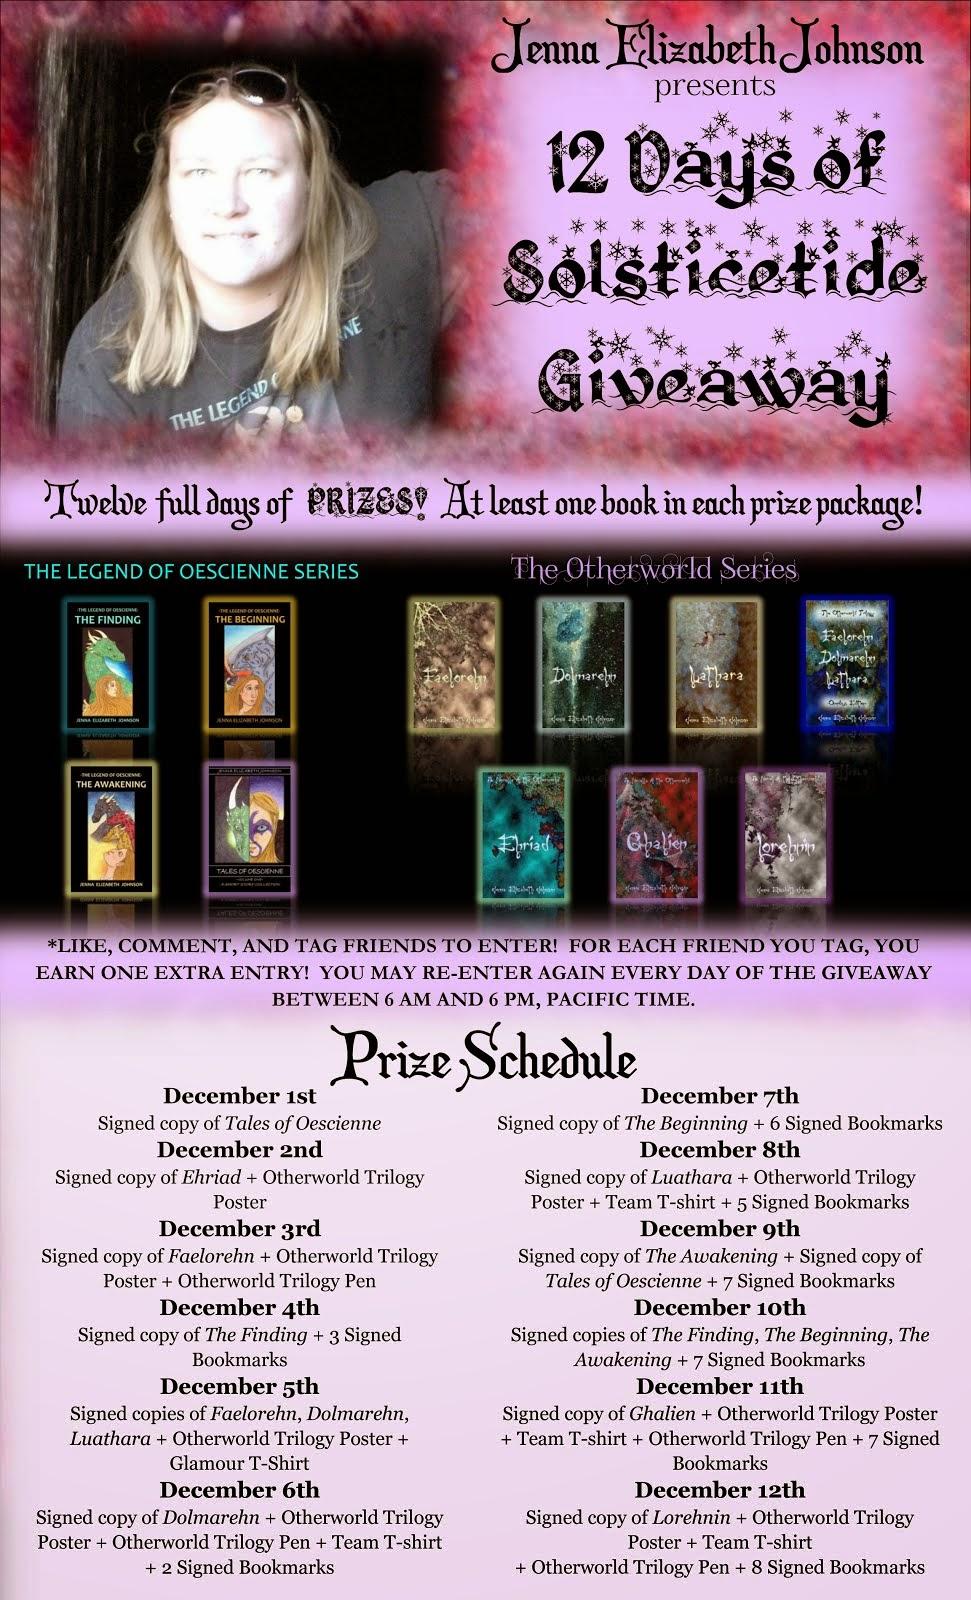 Twelve Days of Solsticetide Giveaway Event!